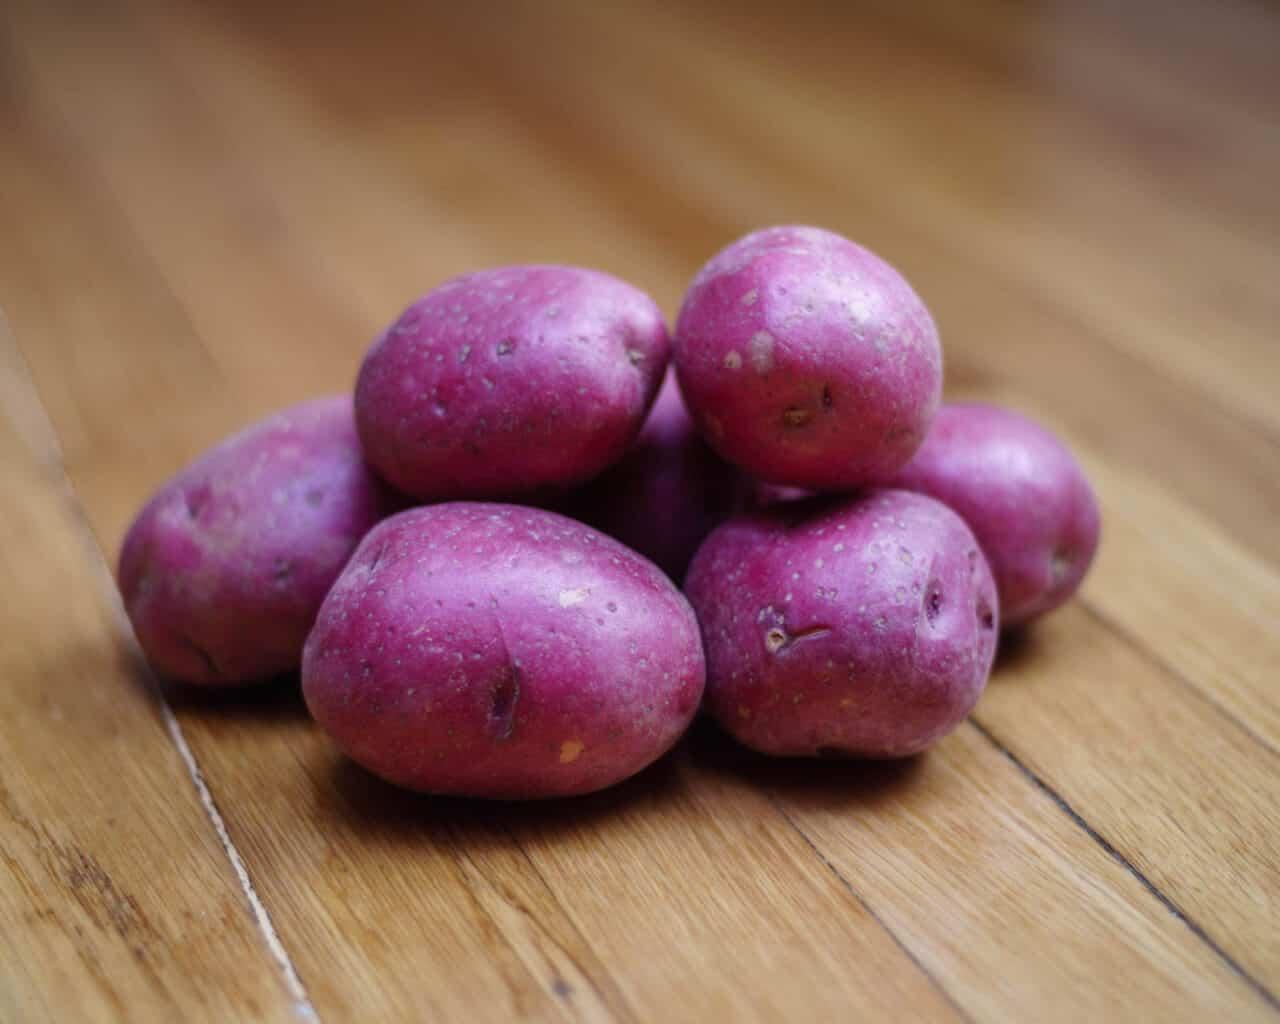 New-Potato Salad With Hazelnuts